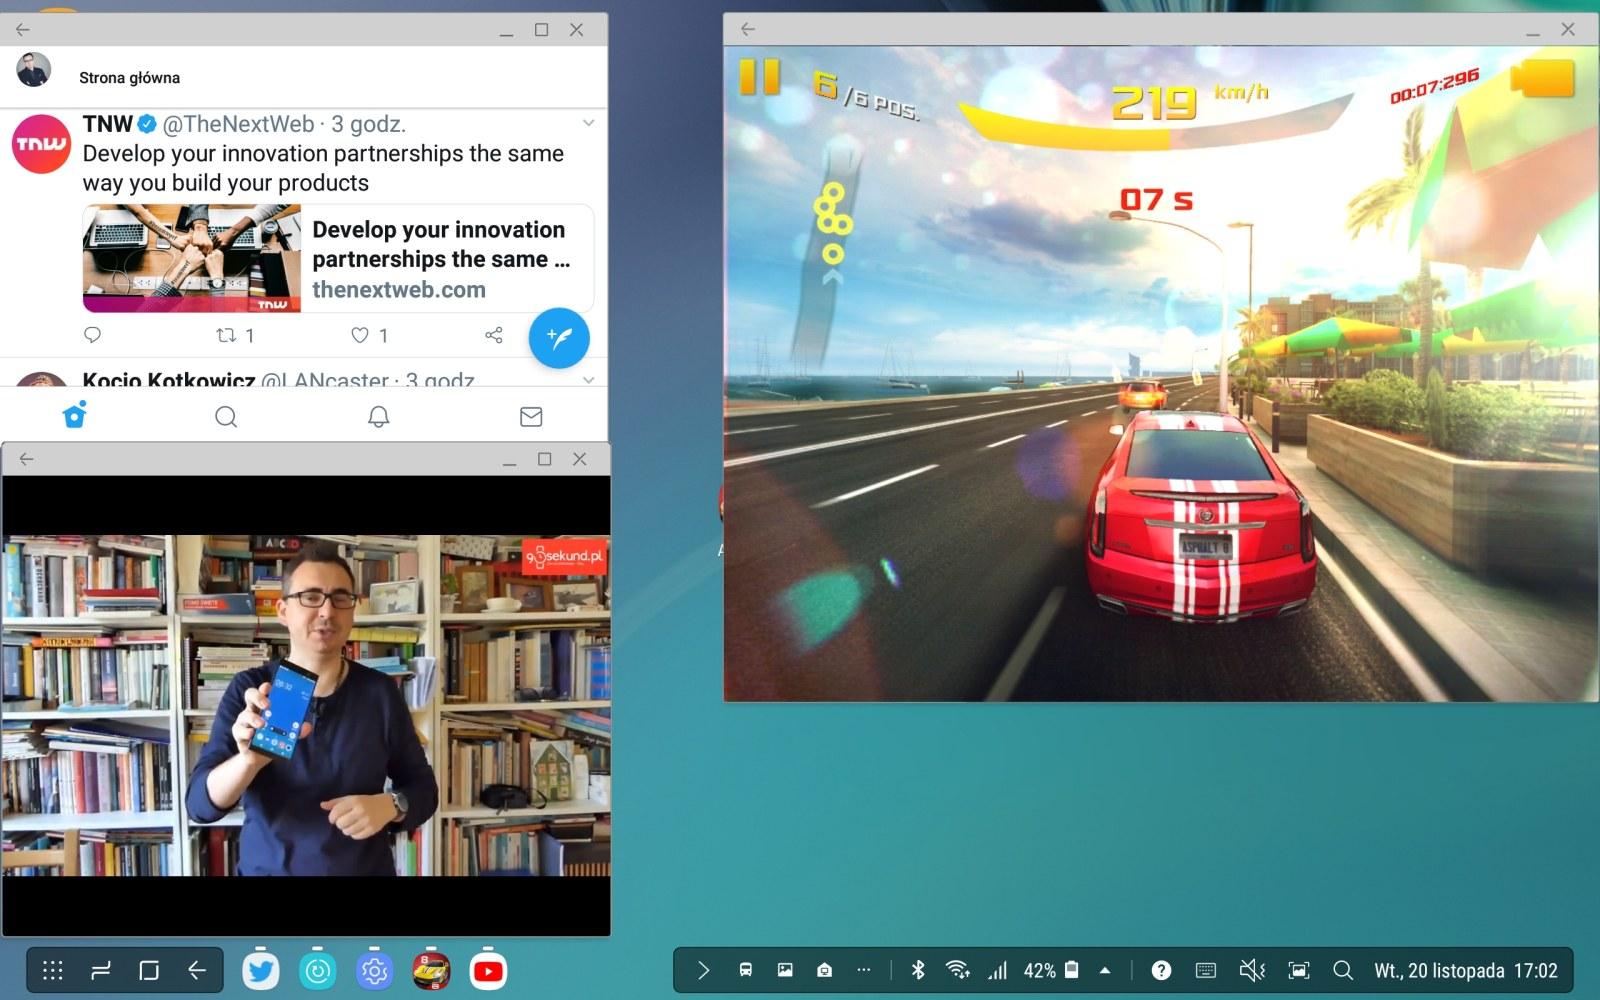 Środowisko Samsung DeX w tablecie Galaxy Tab S4 - Michał Brożyński - 90sekund.pl